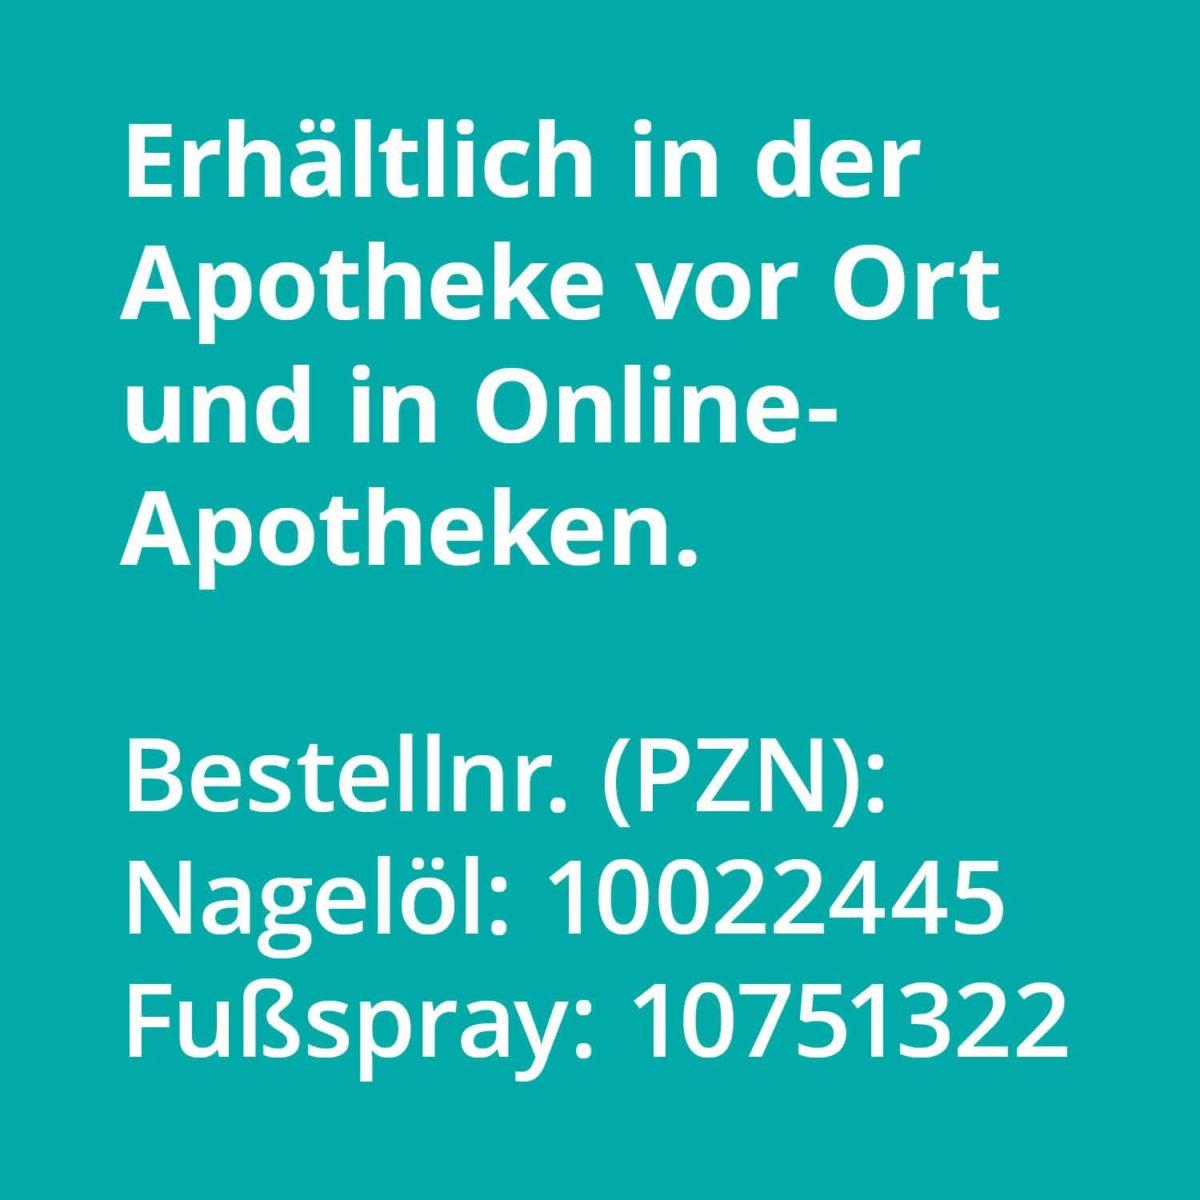 Casida Set Apotheke Nagelöl Fußspray Rabatt Bundle PZN 10022445 10751322 Nagelpilz pflanzlich Natürlich Gesundheitsprodukte9